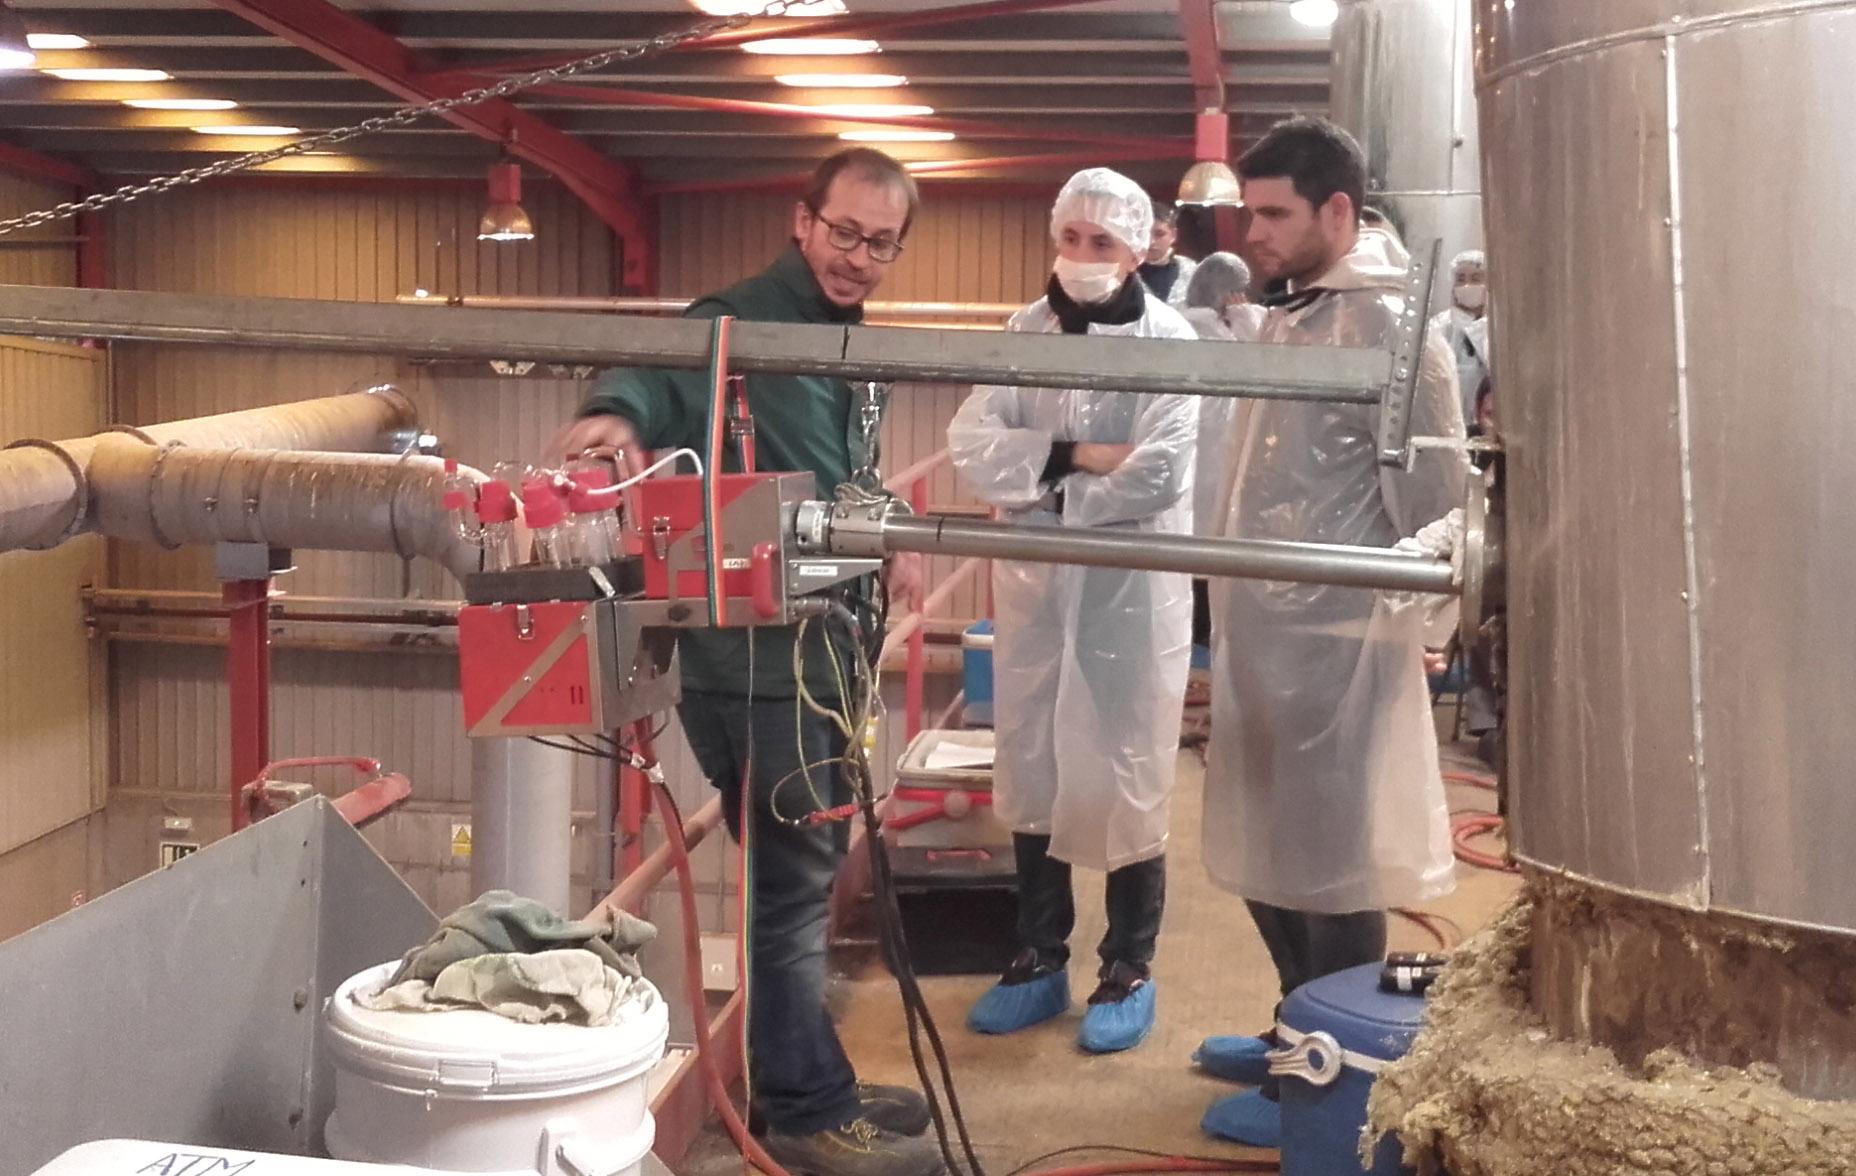 Joan Querol, Director Técnico Del Dpto. De Atmósfera De DEKRA Industrial, Imparte Un Ciclo De Educación Y Control Ambiental En El INS Escola De Treball De Lleida